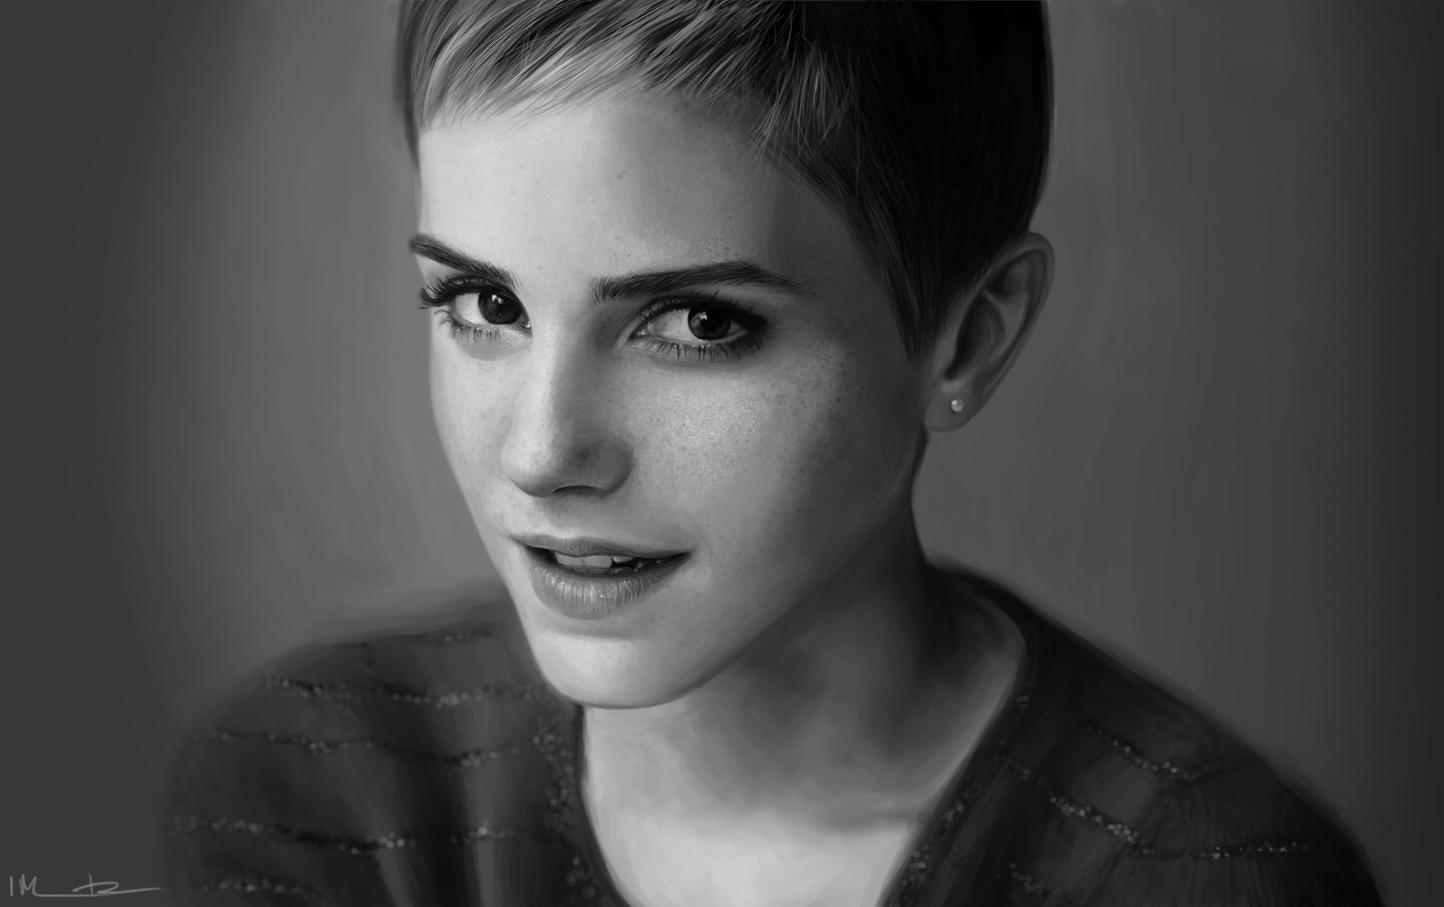 Emma Watson by imorawetz